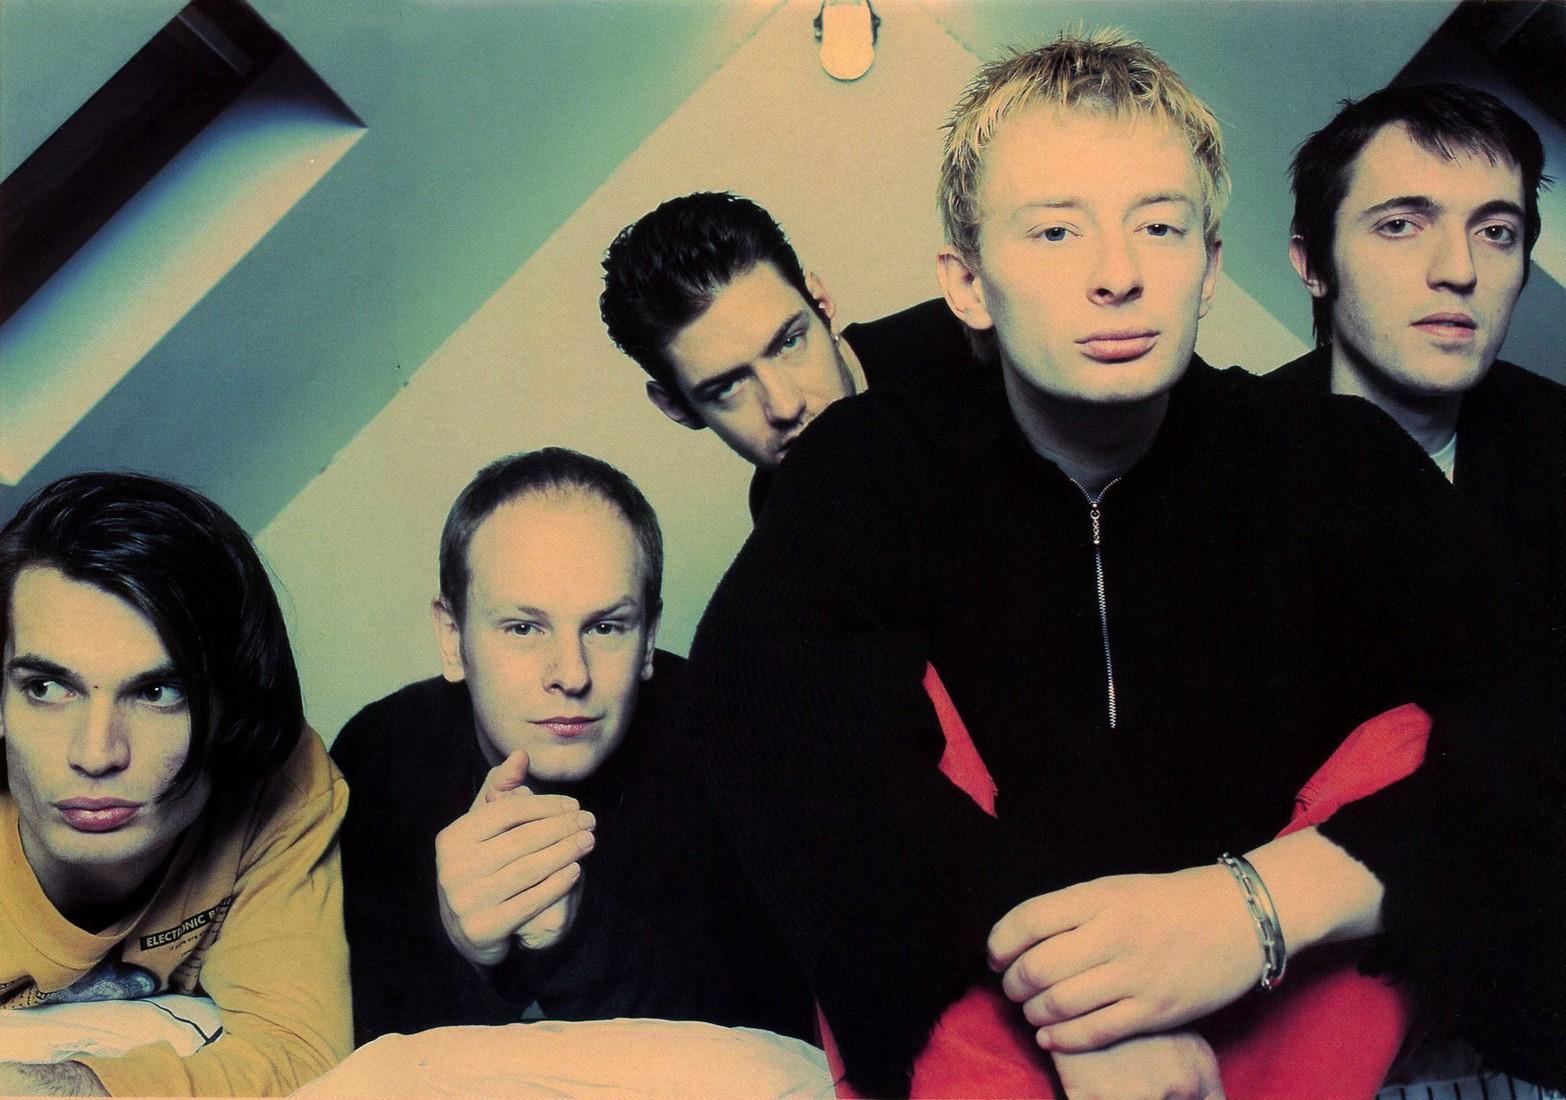 Notes cz. 8 Salon 204 i Radiohead